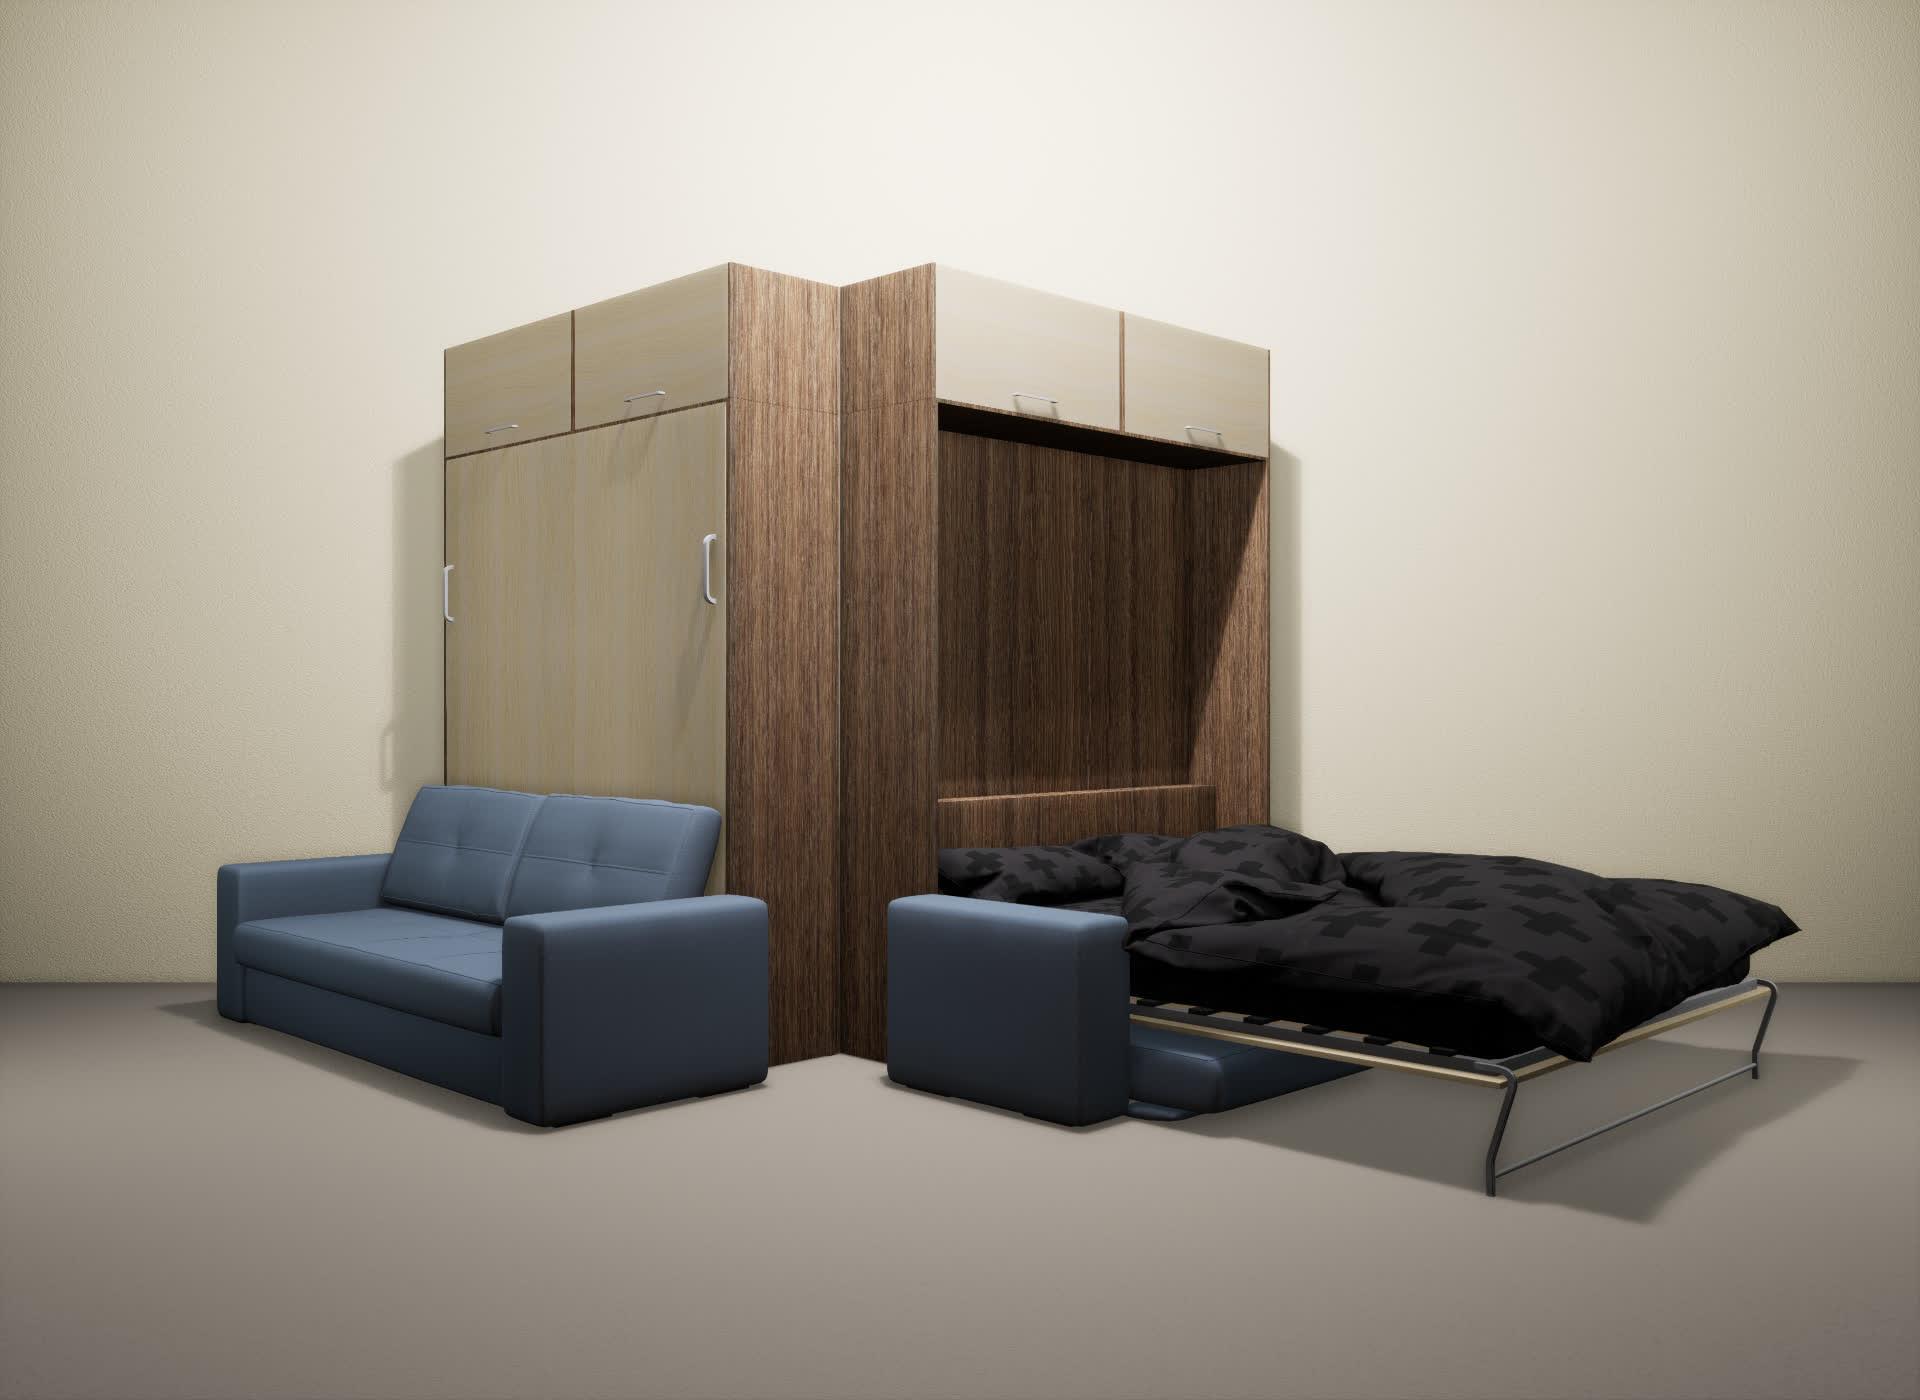 Шкаф-кровать SMART HOME Гамма шамони/молочный дуб